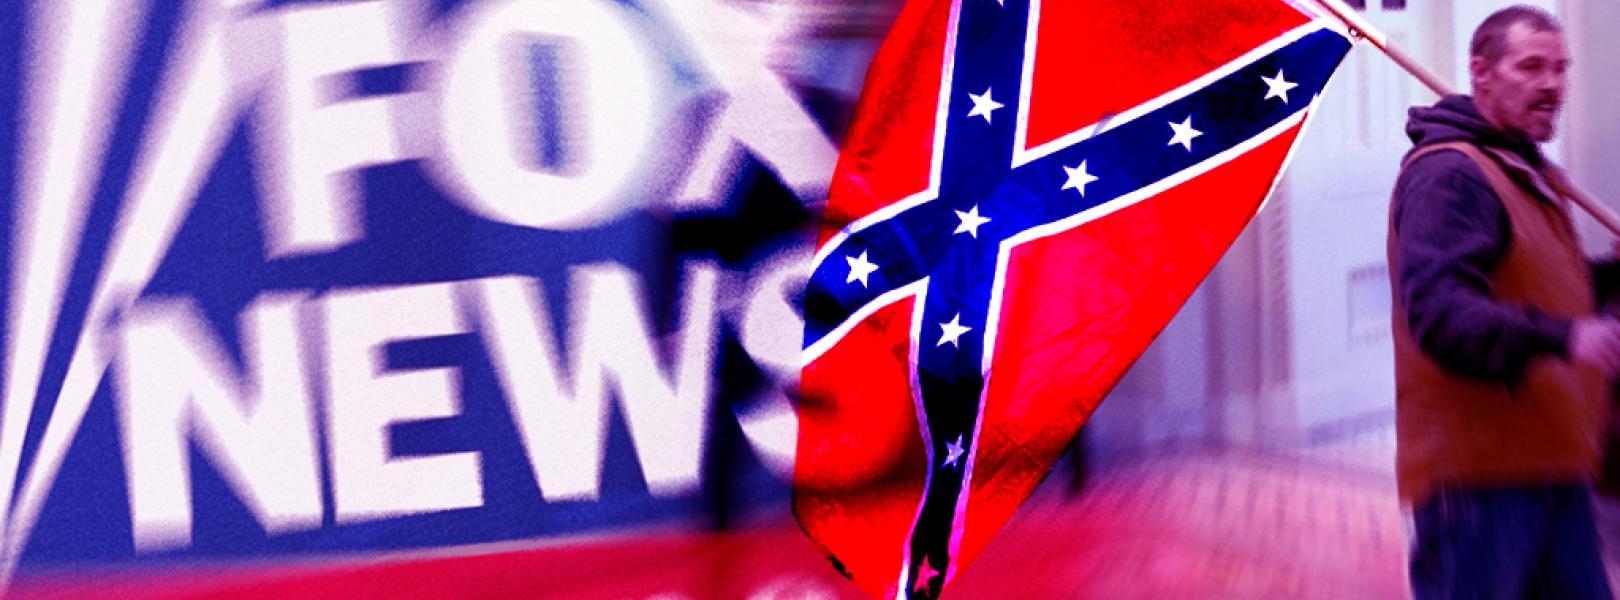 Jan 6 Fox News CRT